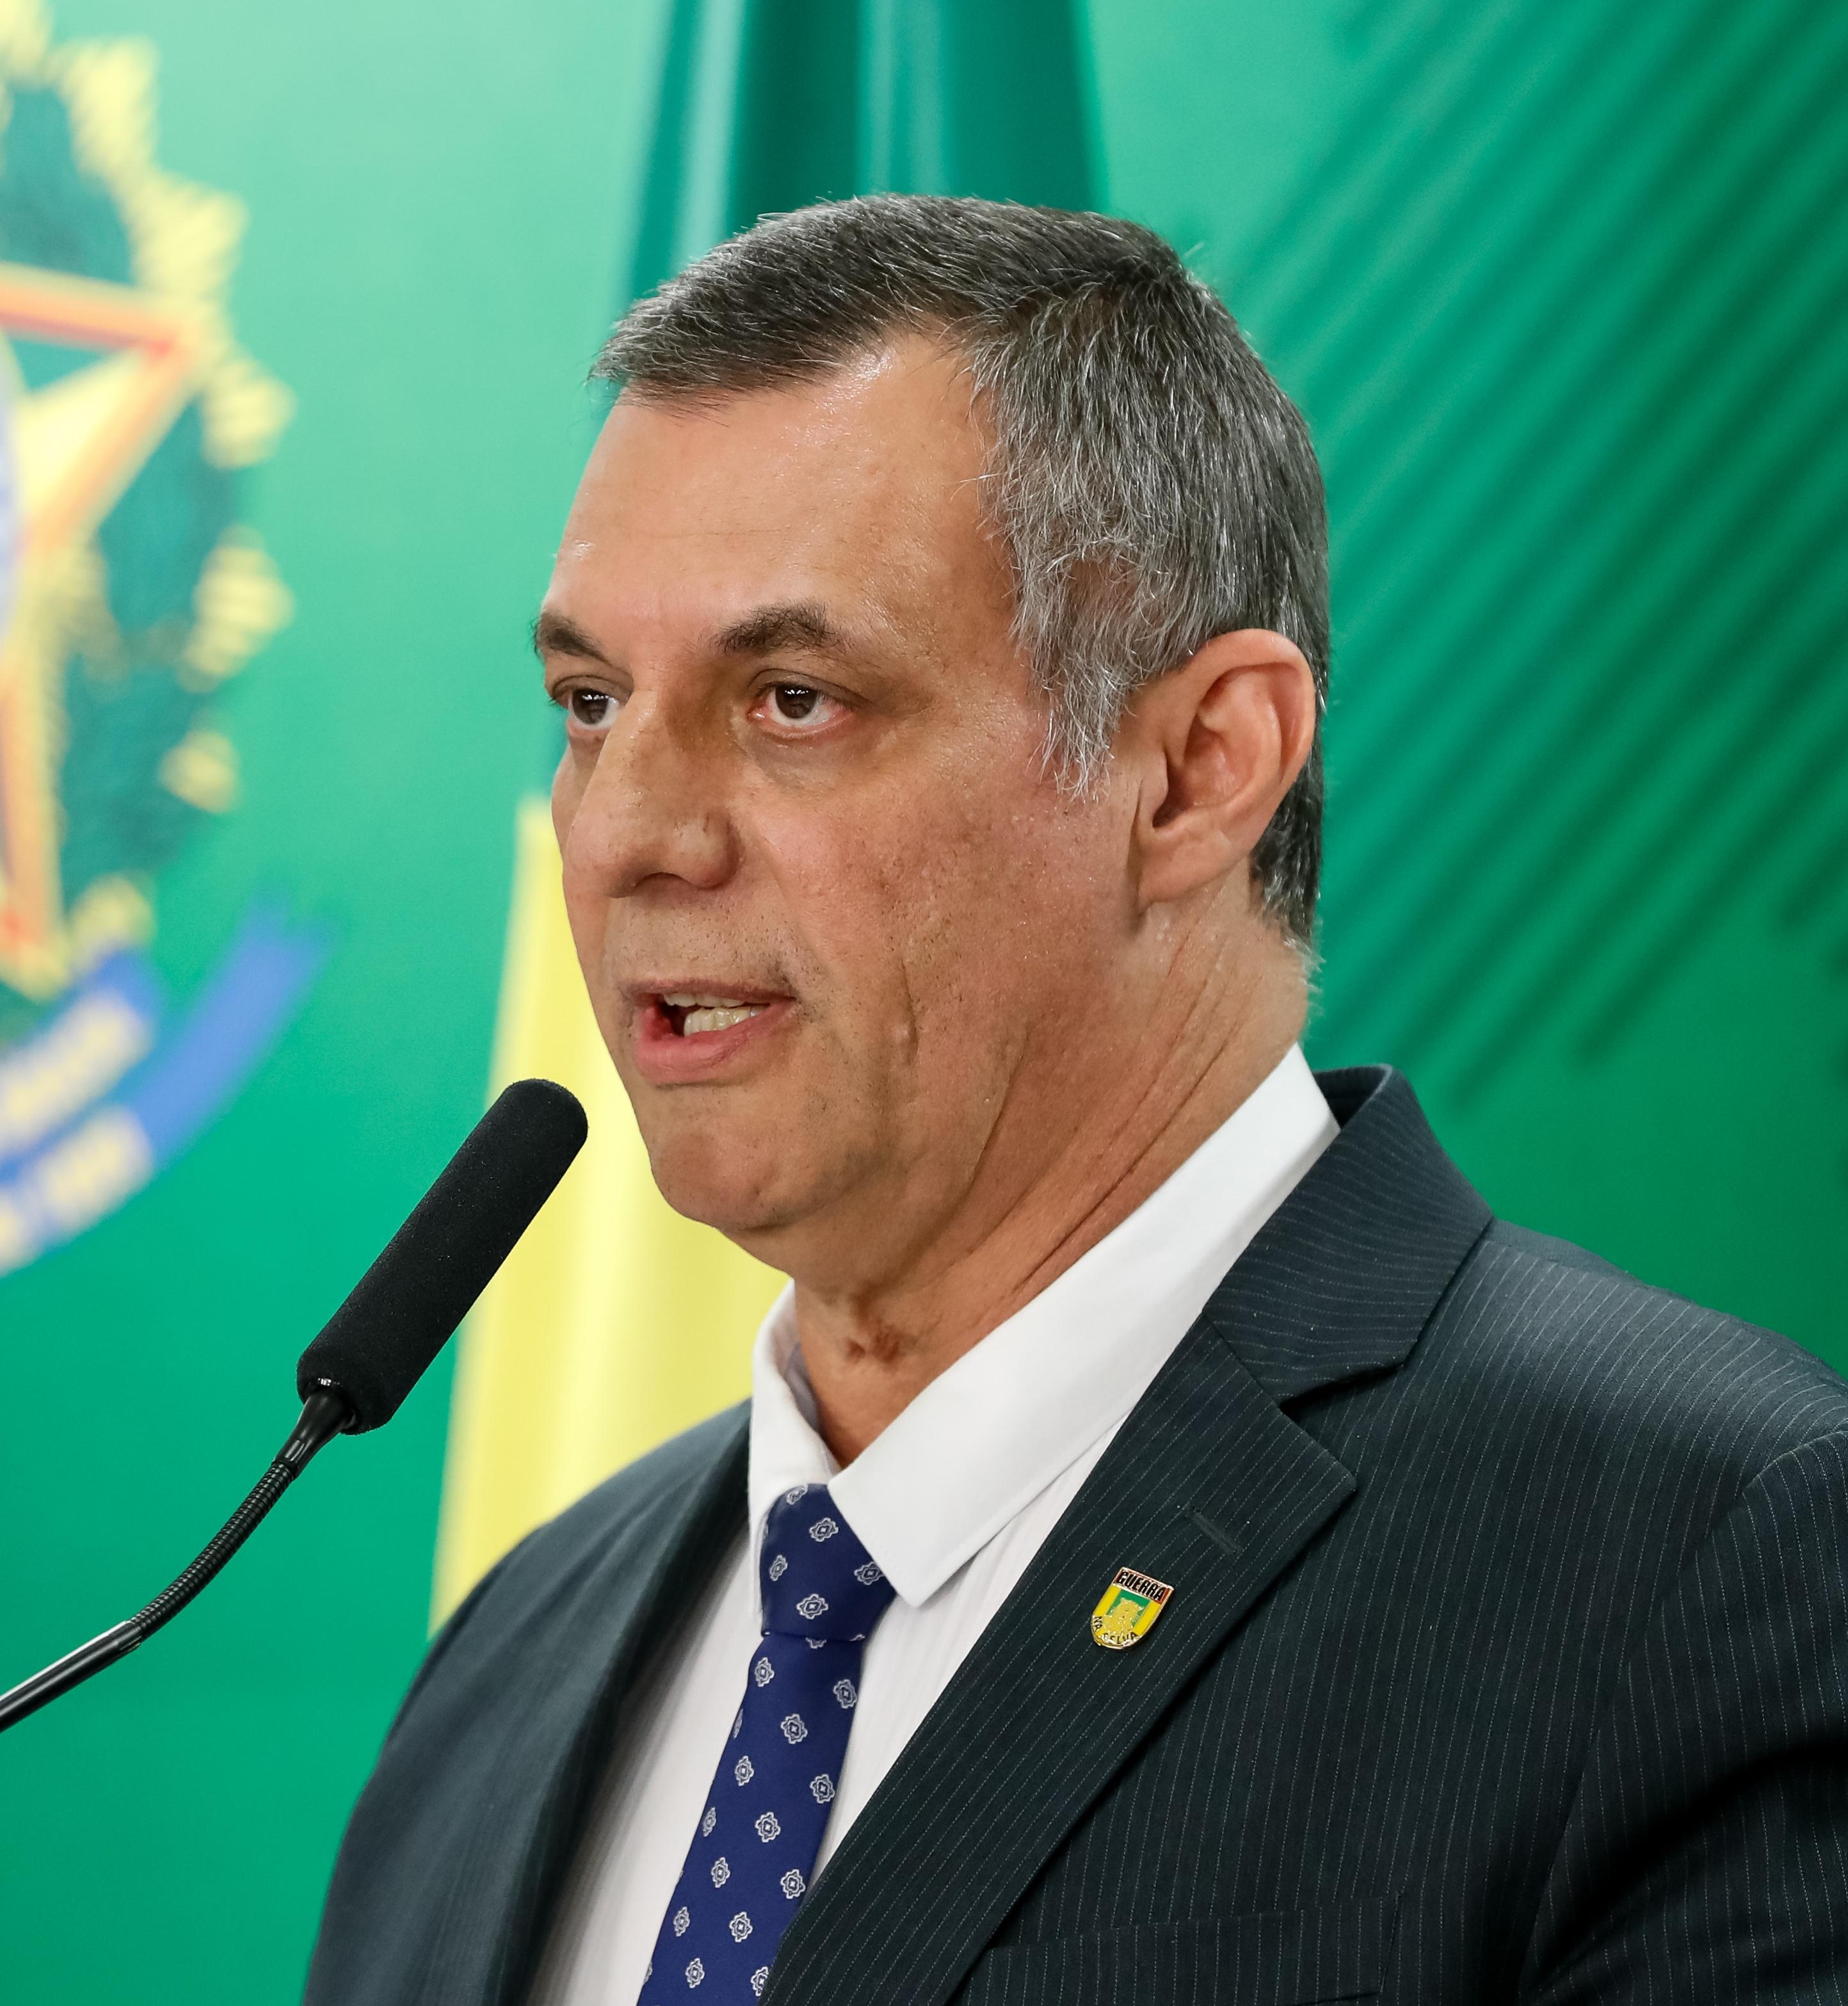 Veja o que saiu no Migalhas sobre Otávio Rêgo Barros